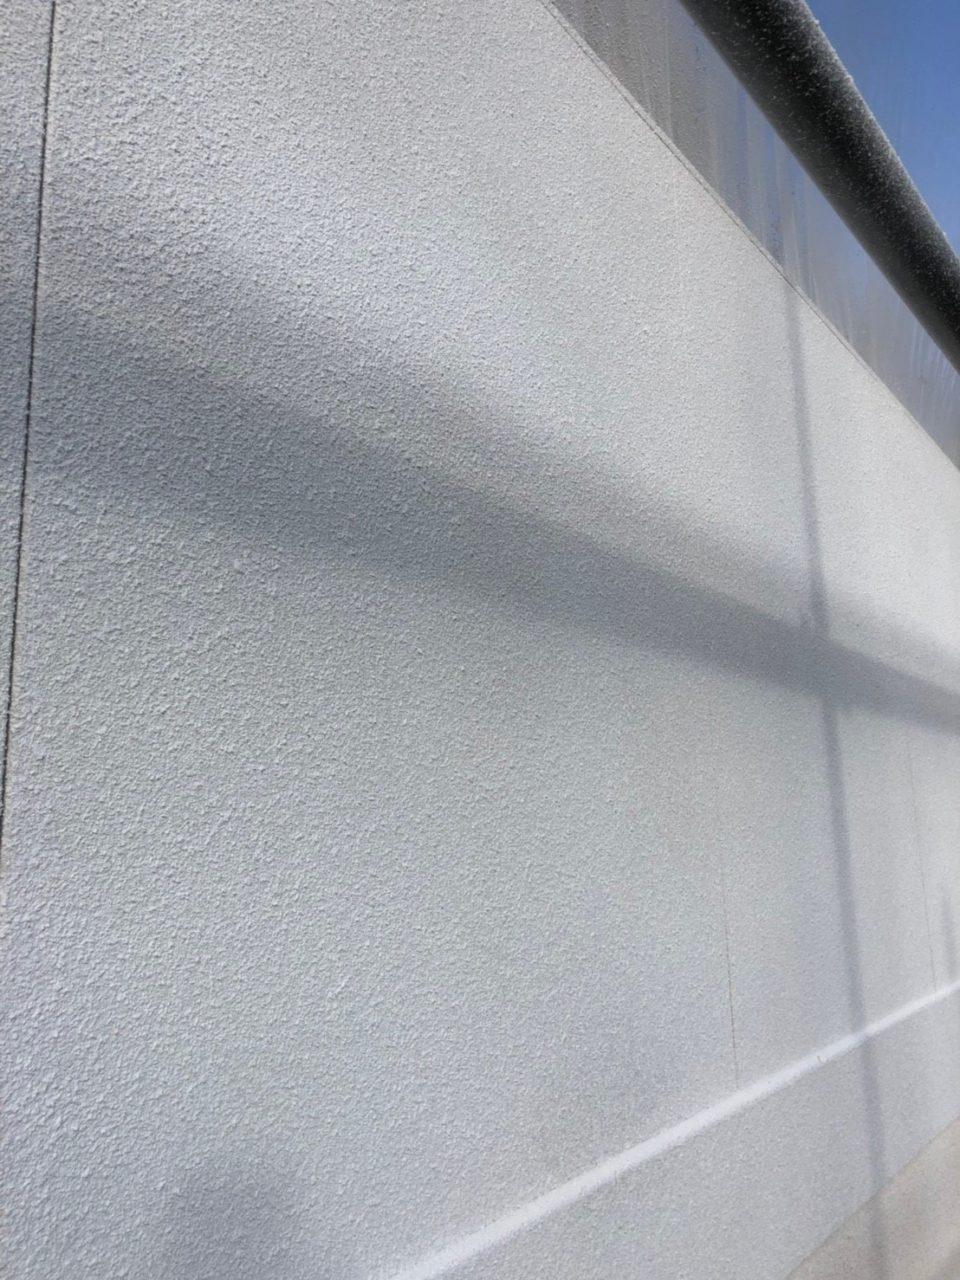 春日井市高蔵寺H様邸塗装工事 リシン吹き付け2